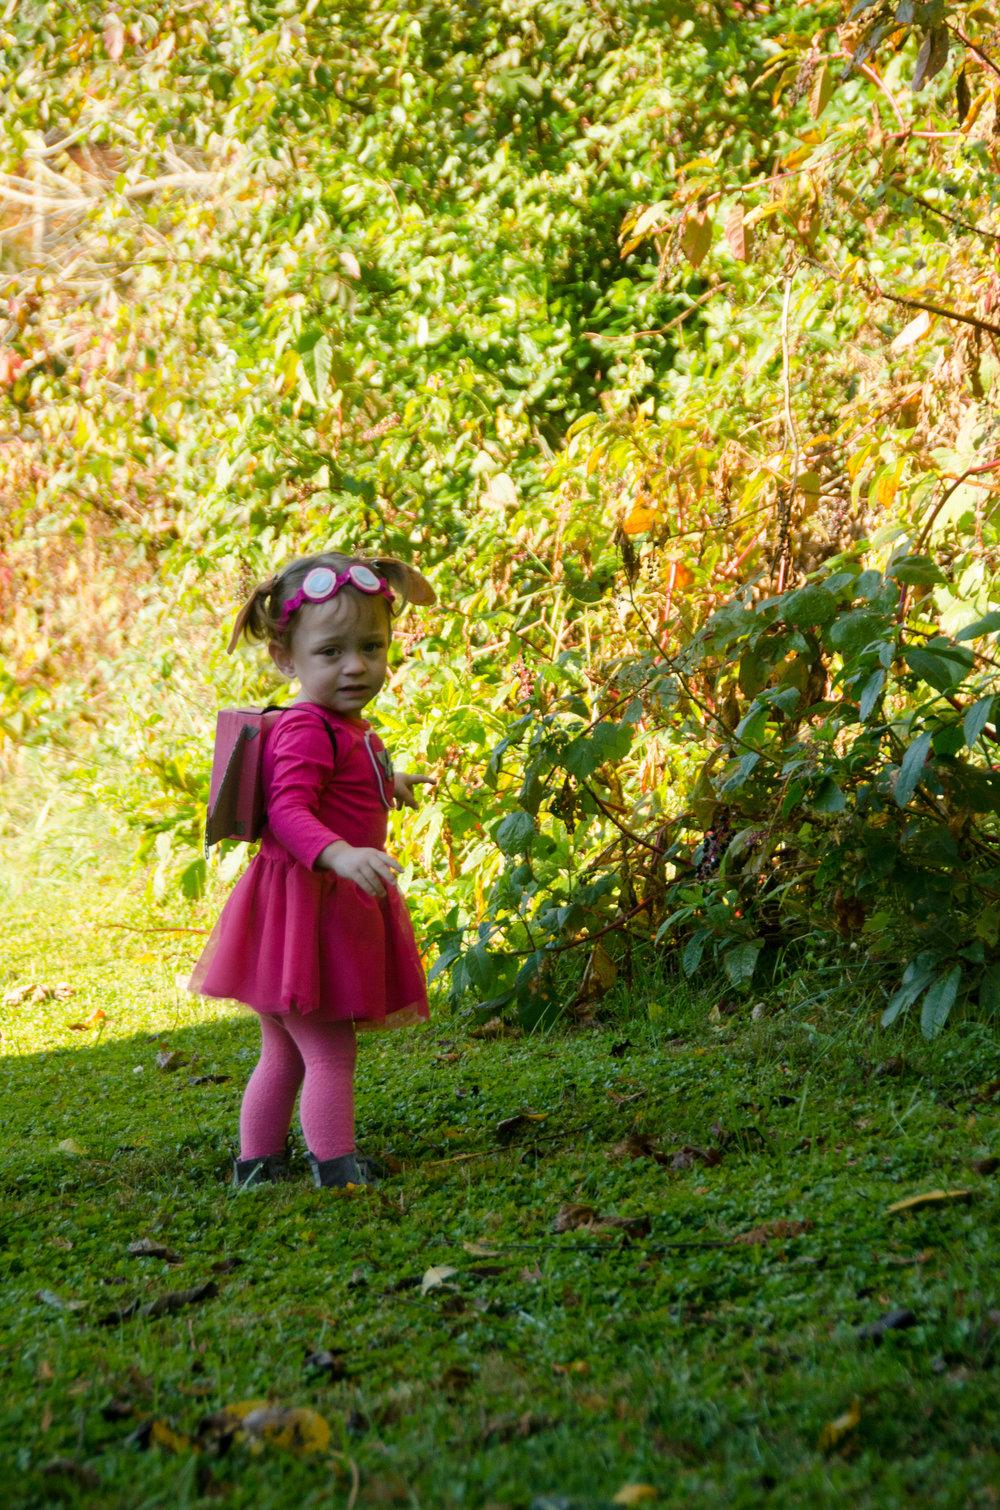 addie belle - 2 years old - october 2017 - shegotguts.com-5.jpg